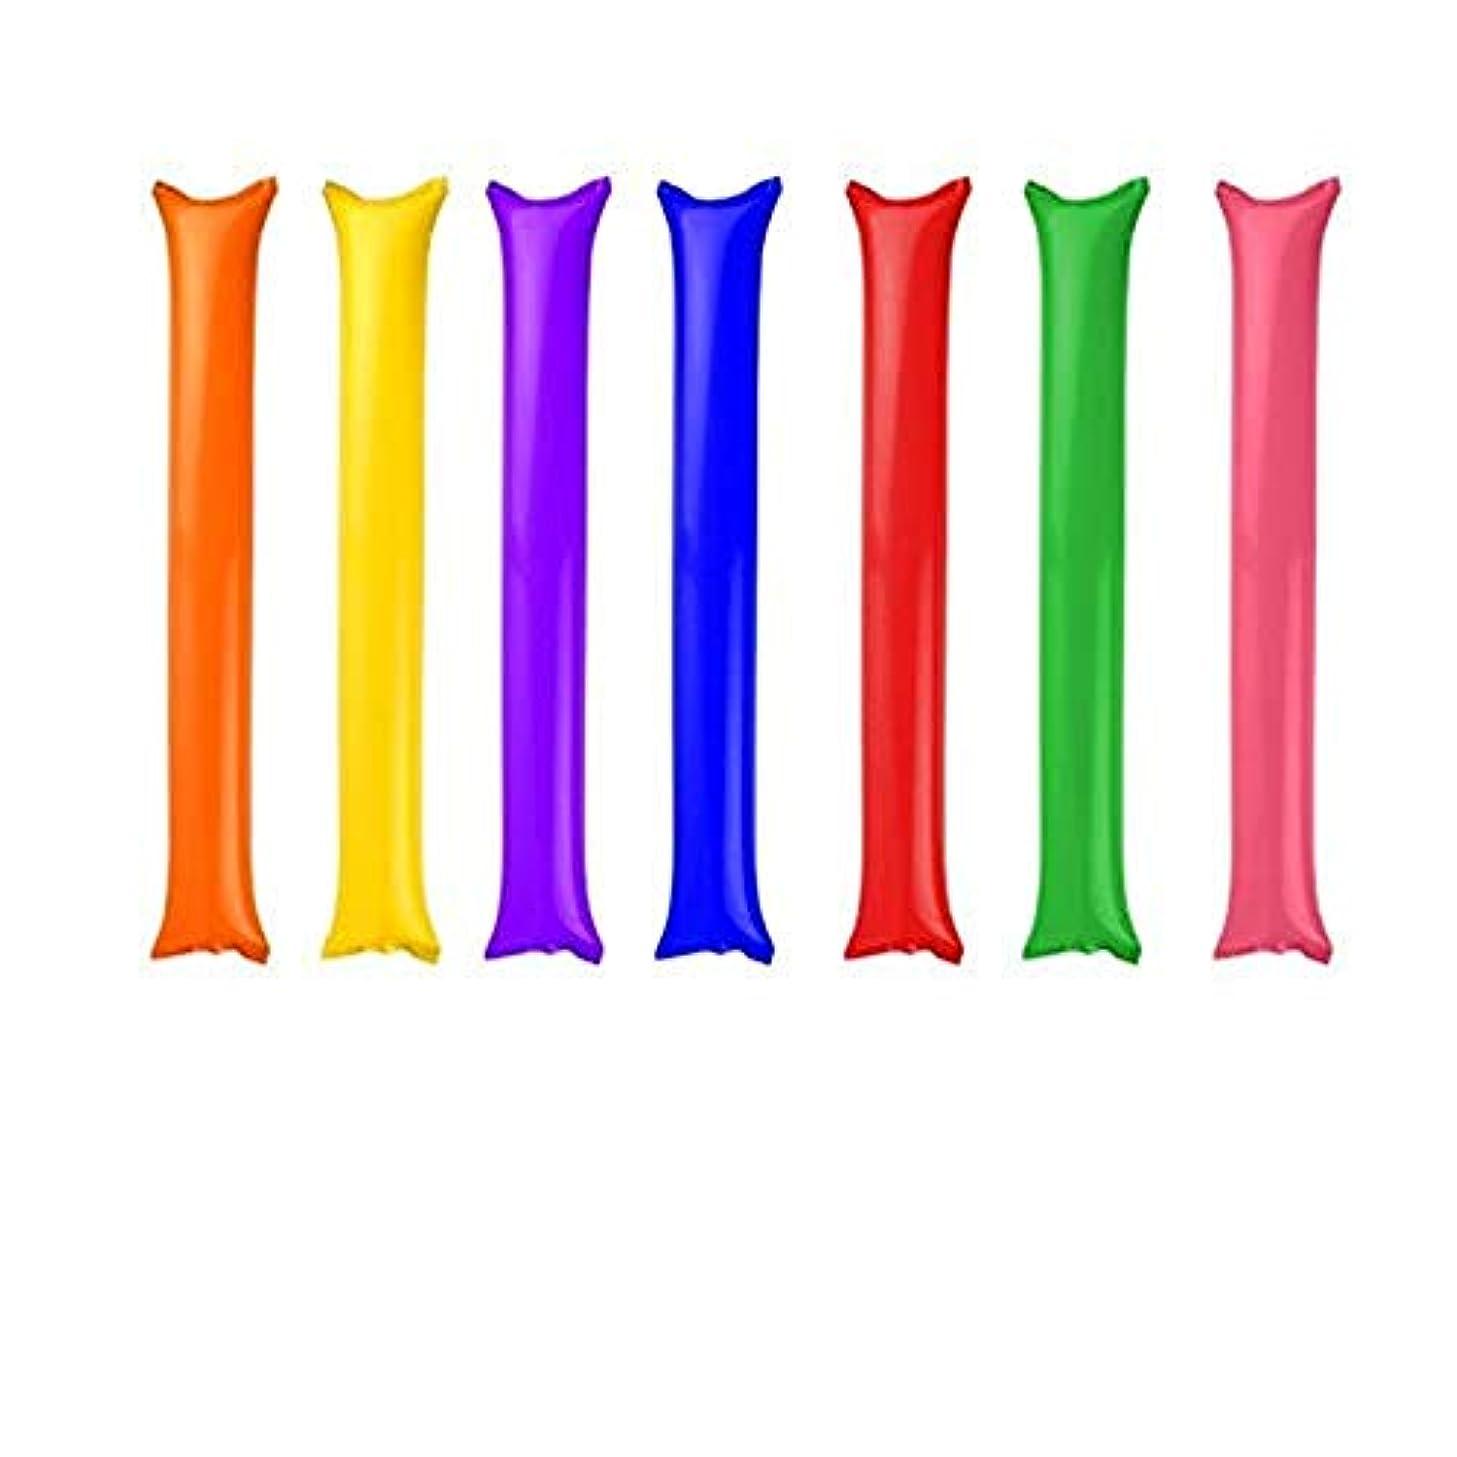 熟練したベットドキドキSimg スティックバルーン 16本セット 繰り返し使う可能 応援グッズ 雰囲気を作る ピンク?レッド?グリーン?ブルー?ホワイト?イェロー?オレンジ?パープル